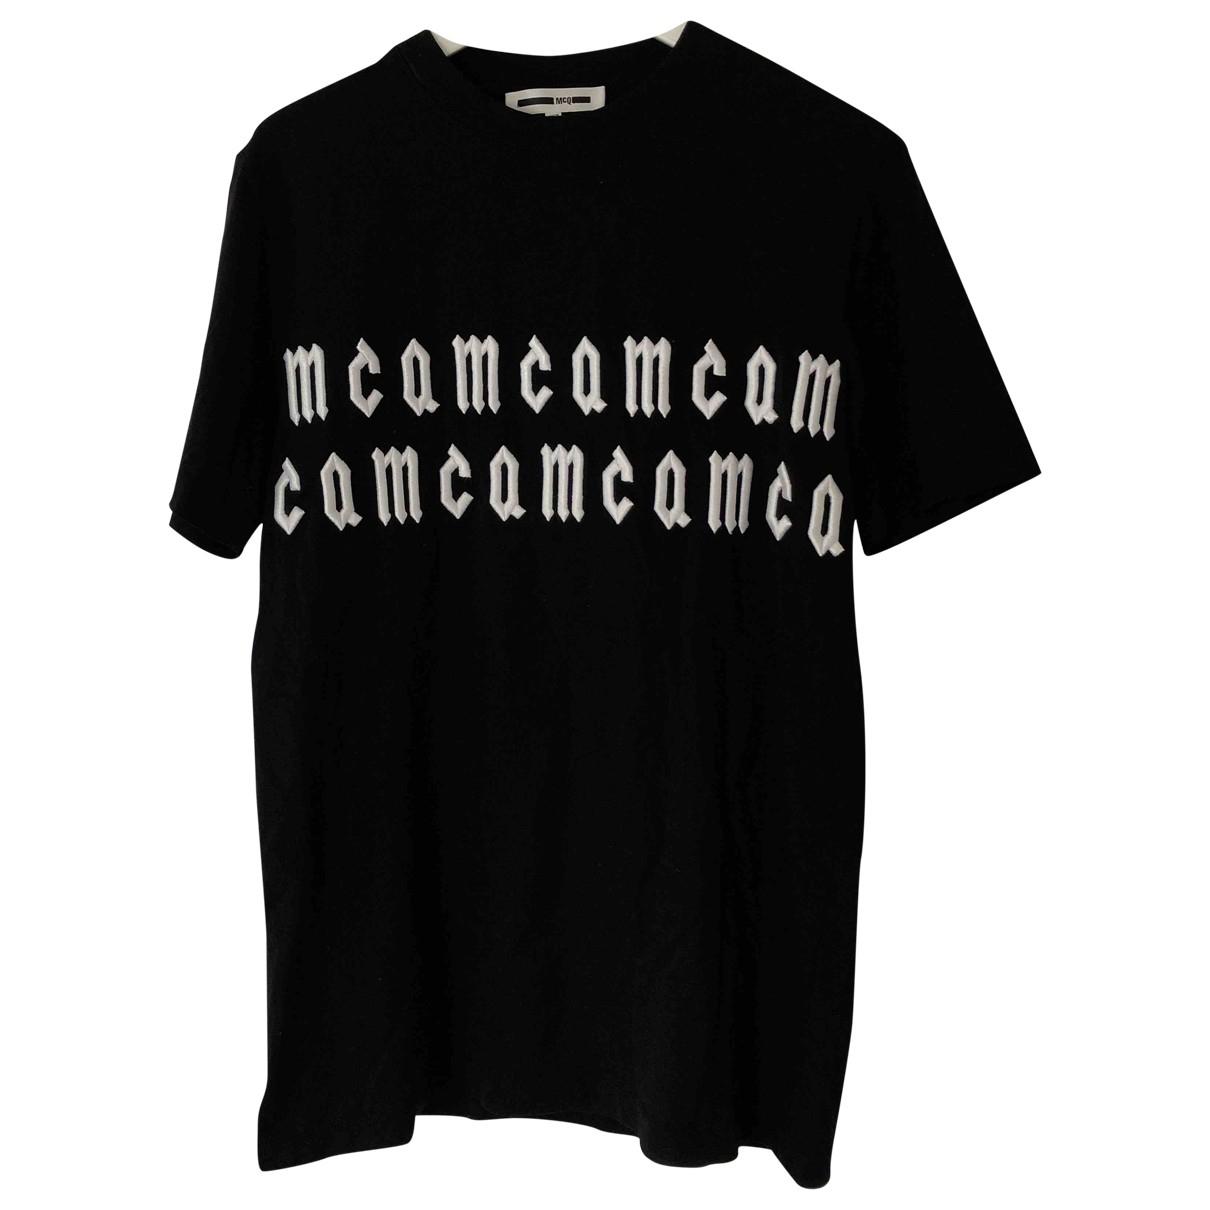 Mcq \N T-Shirts in  Schwarz Baumwolle